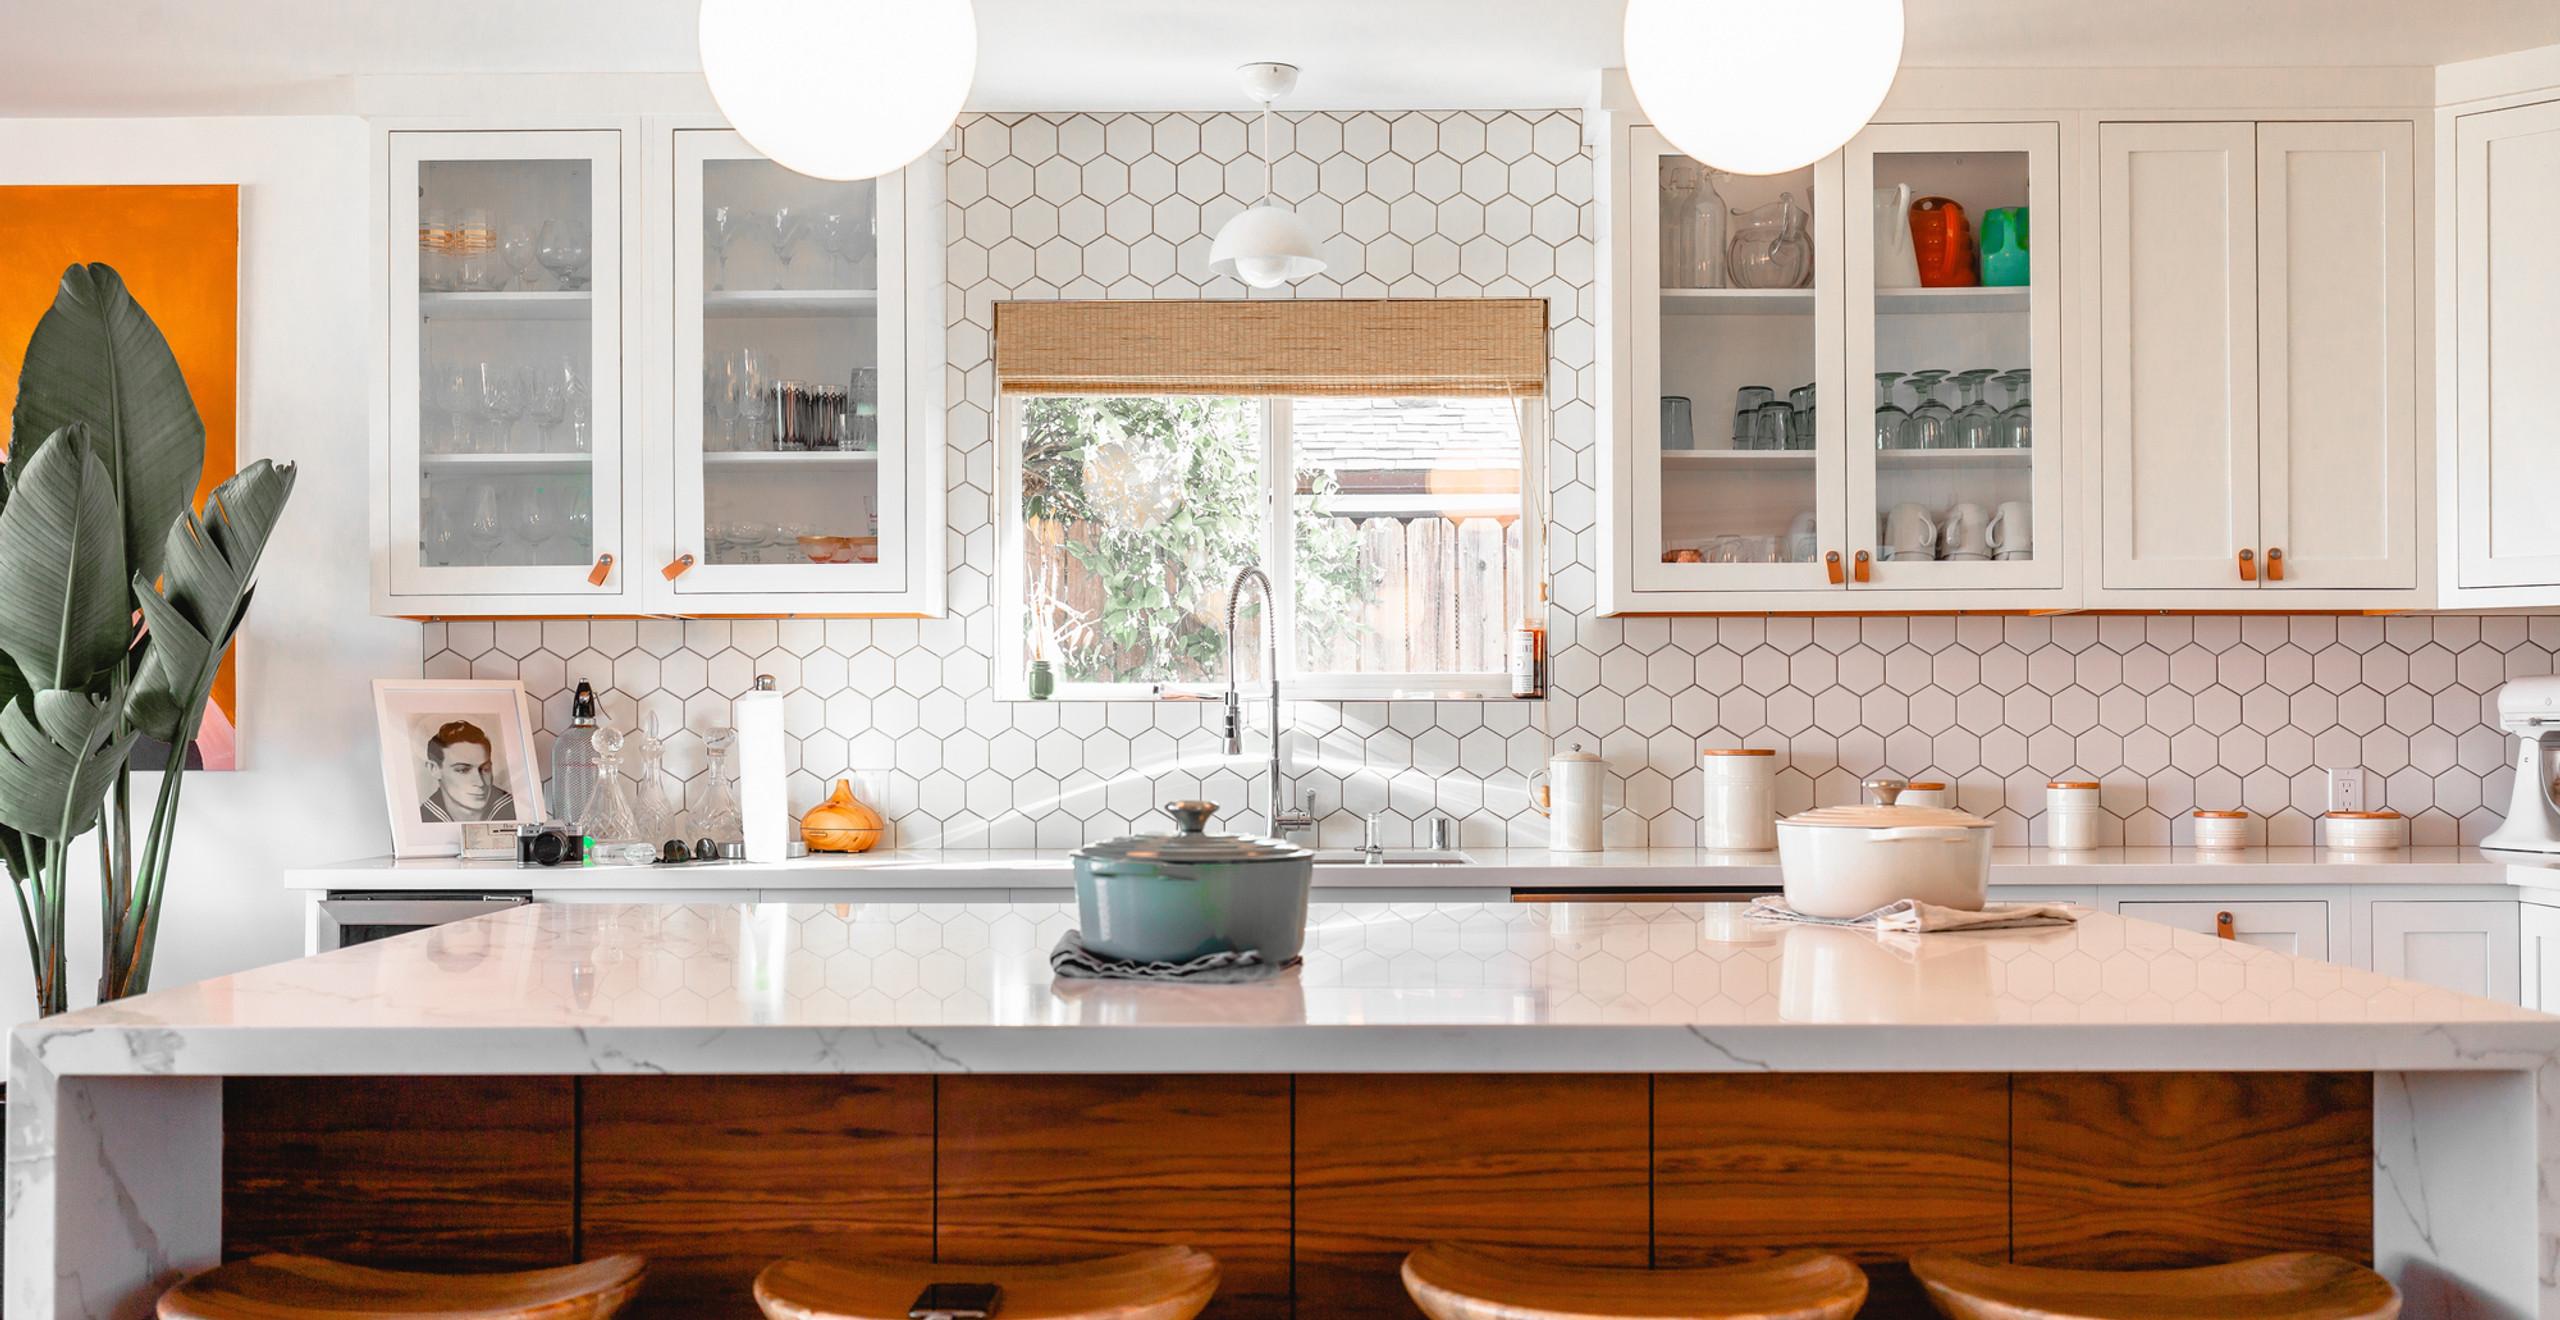 Homey kitchen design